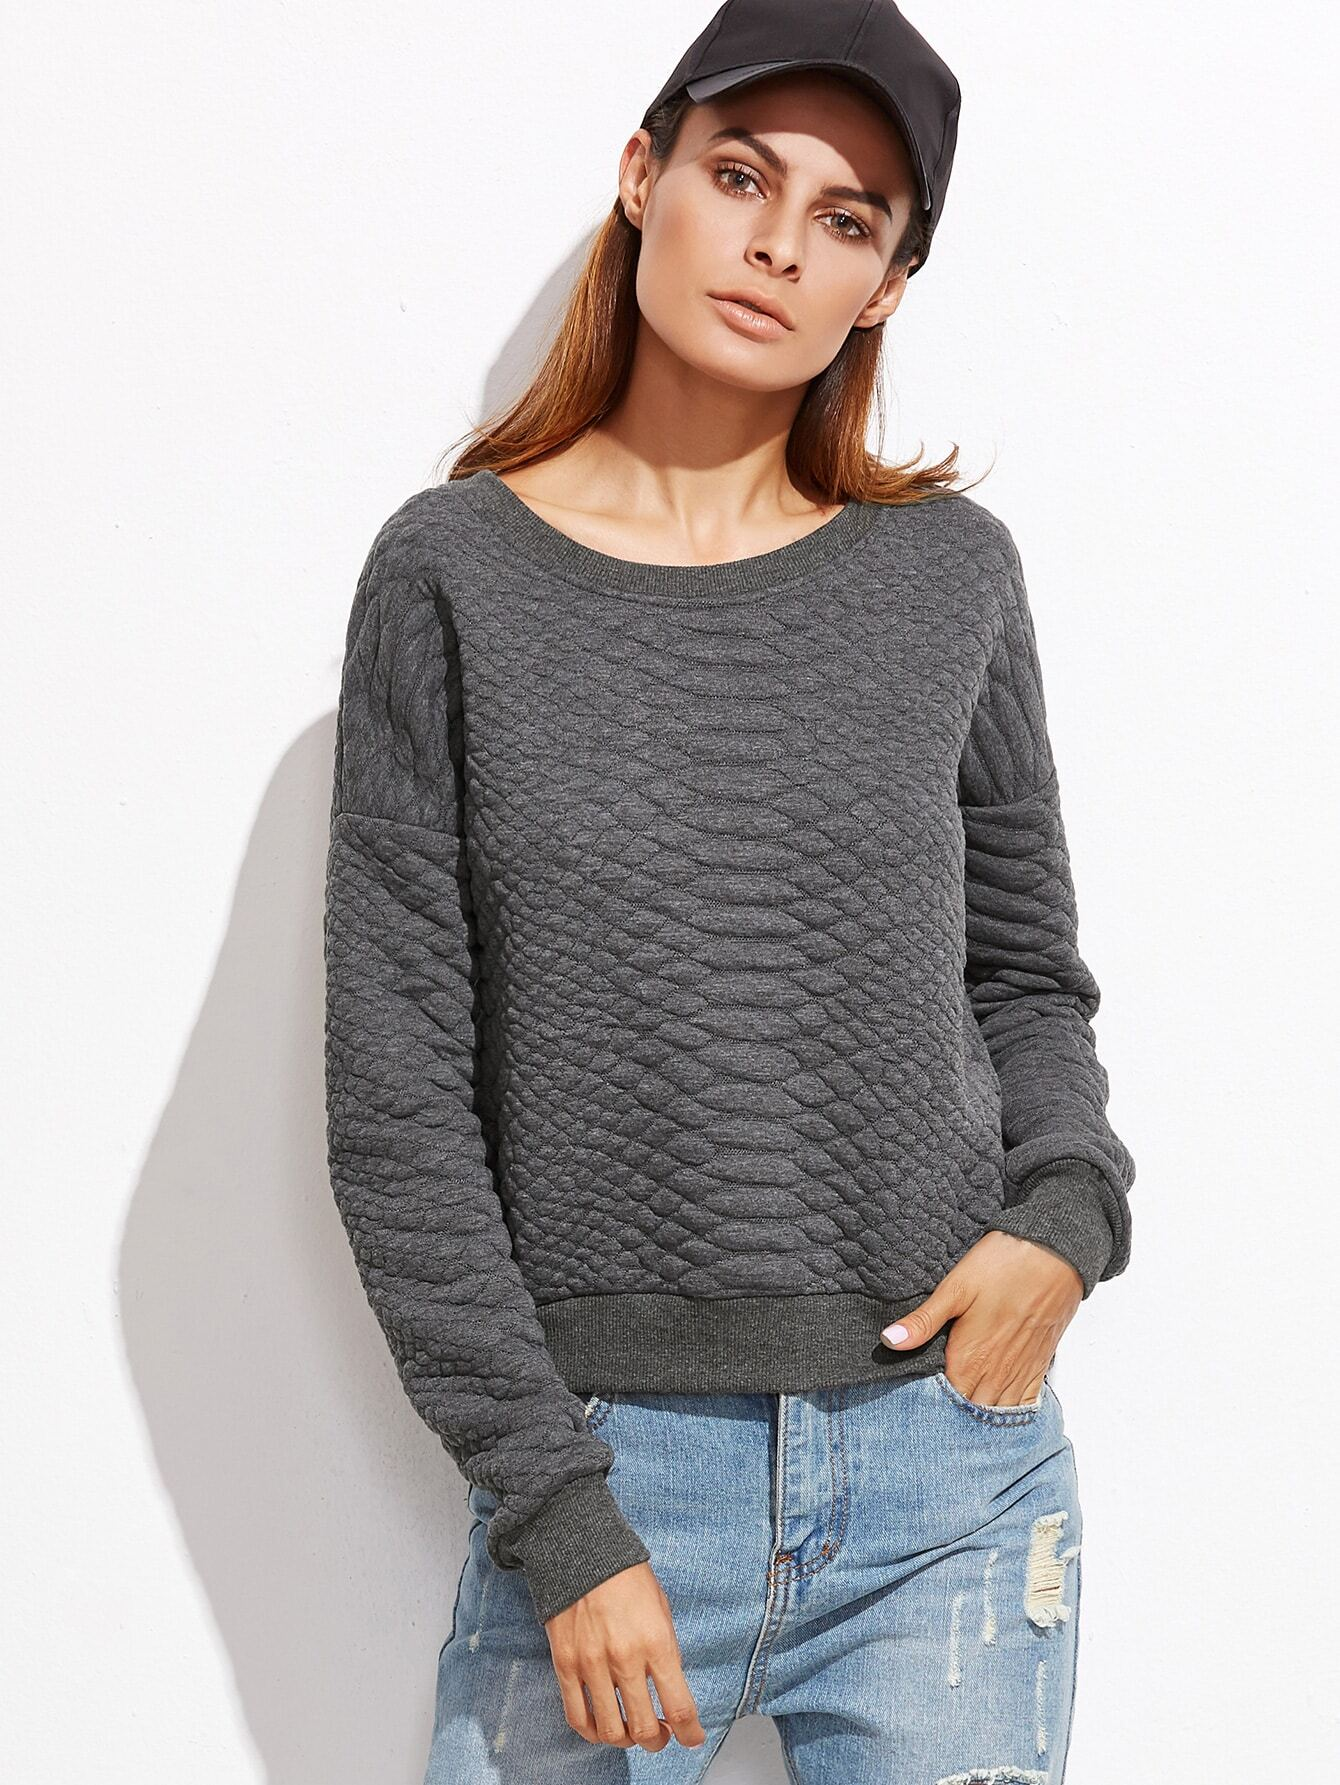 sweatshirt161018701_2